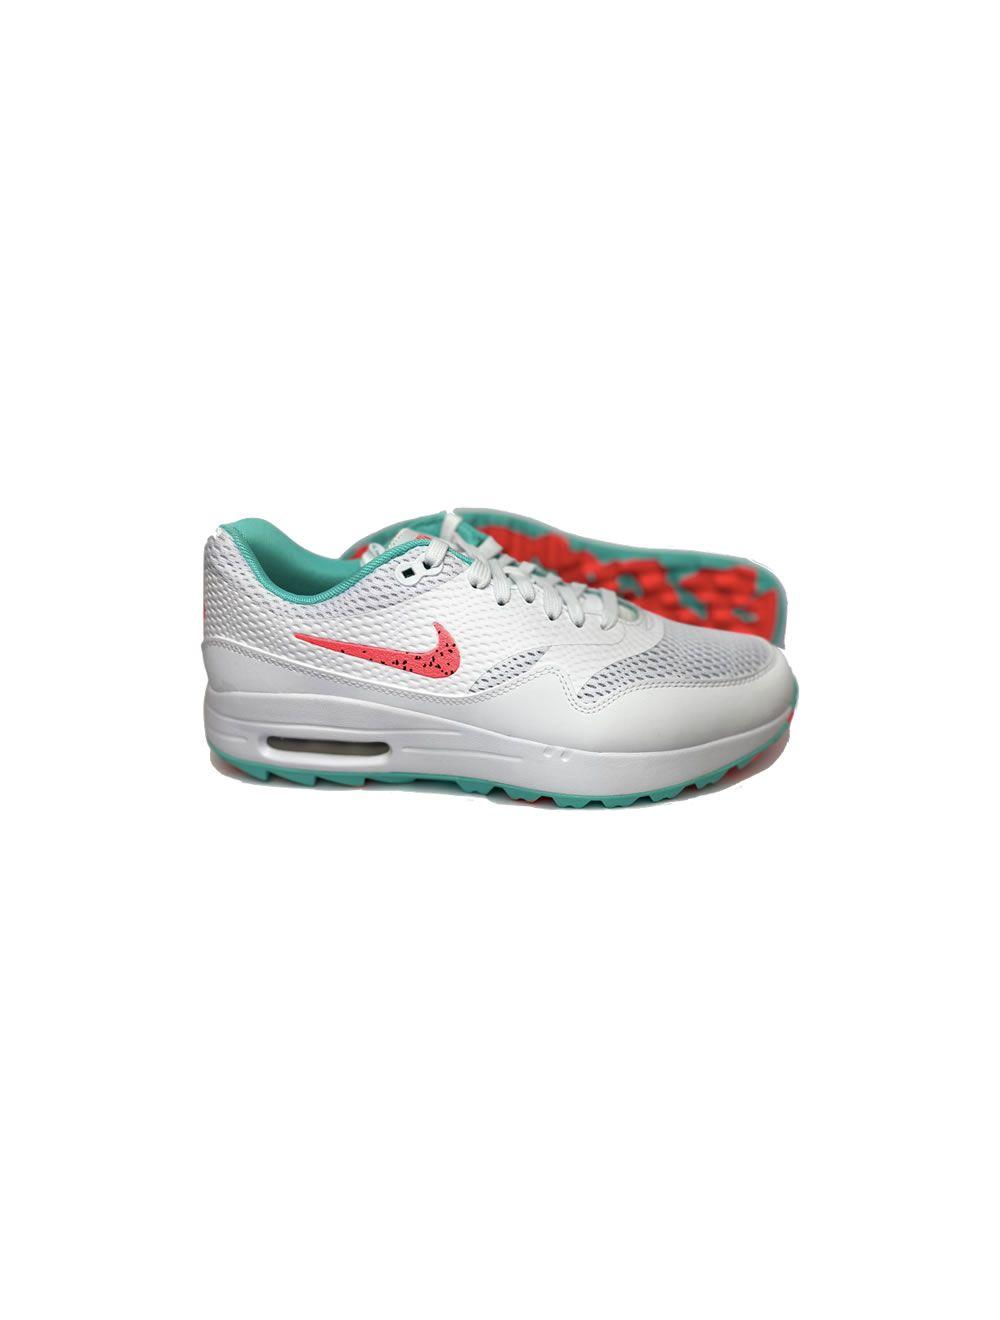 Nike Air Max 1 G Golf Shoes White Hot Punch Aurora Green Aslan Golf